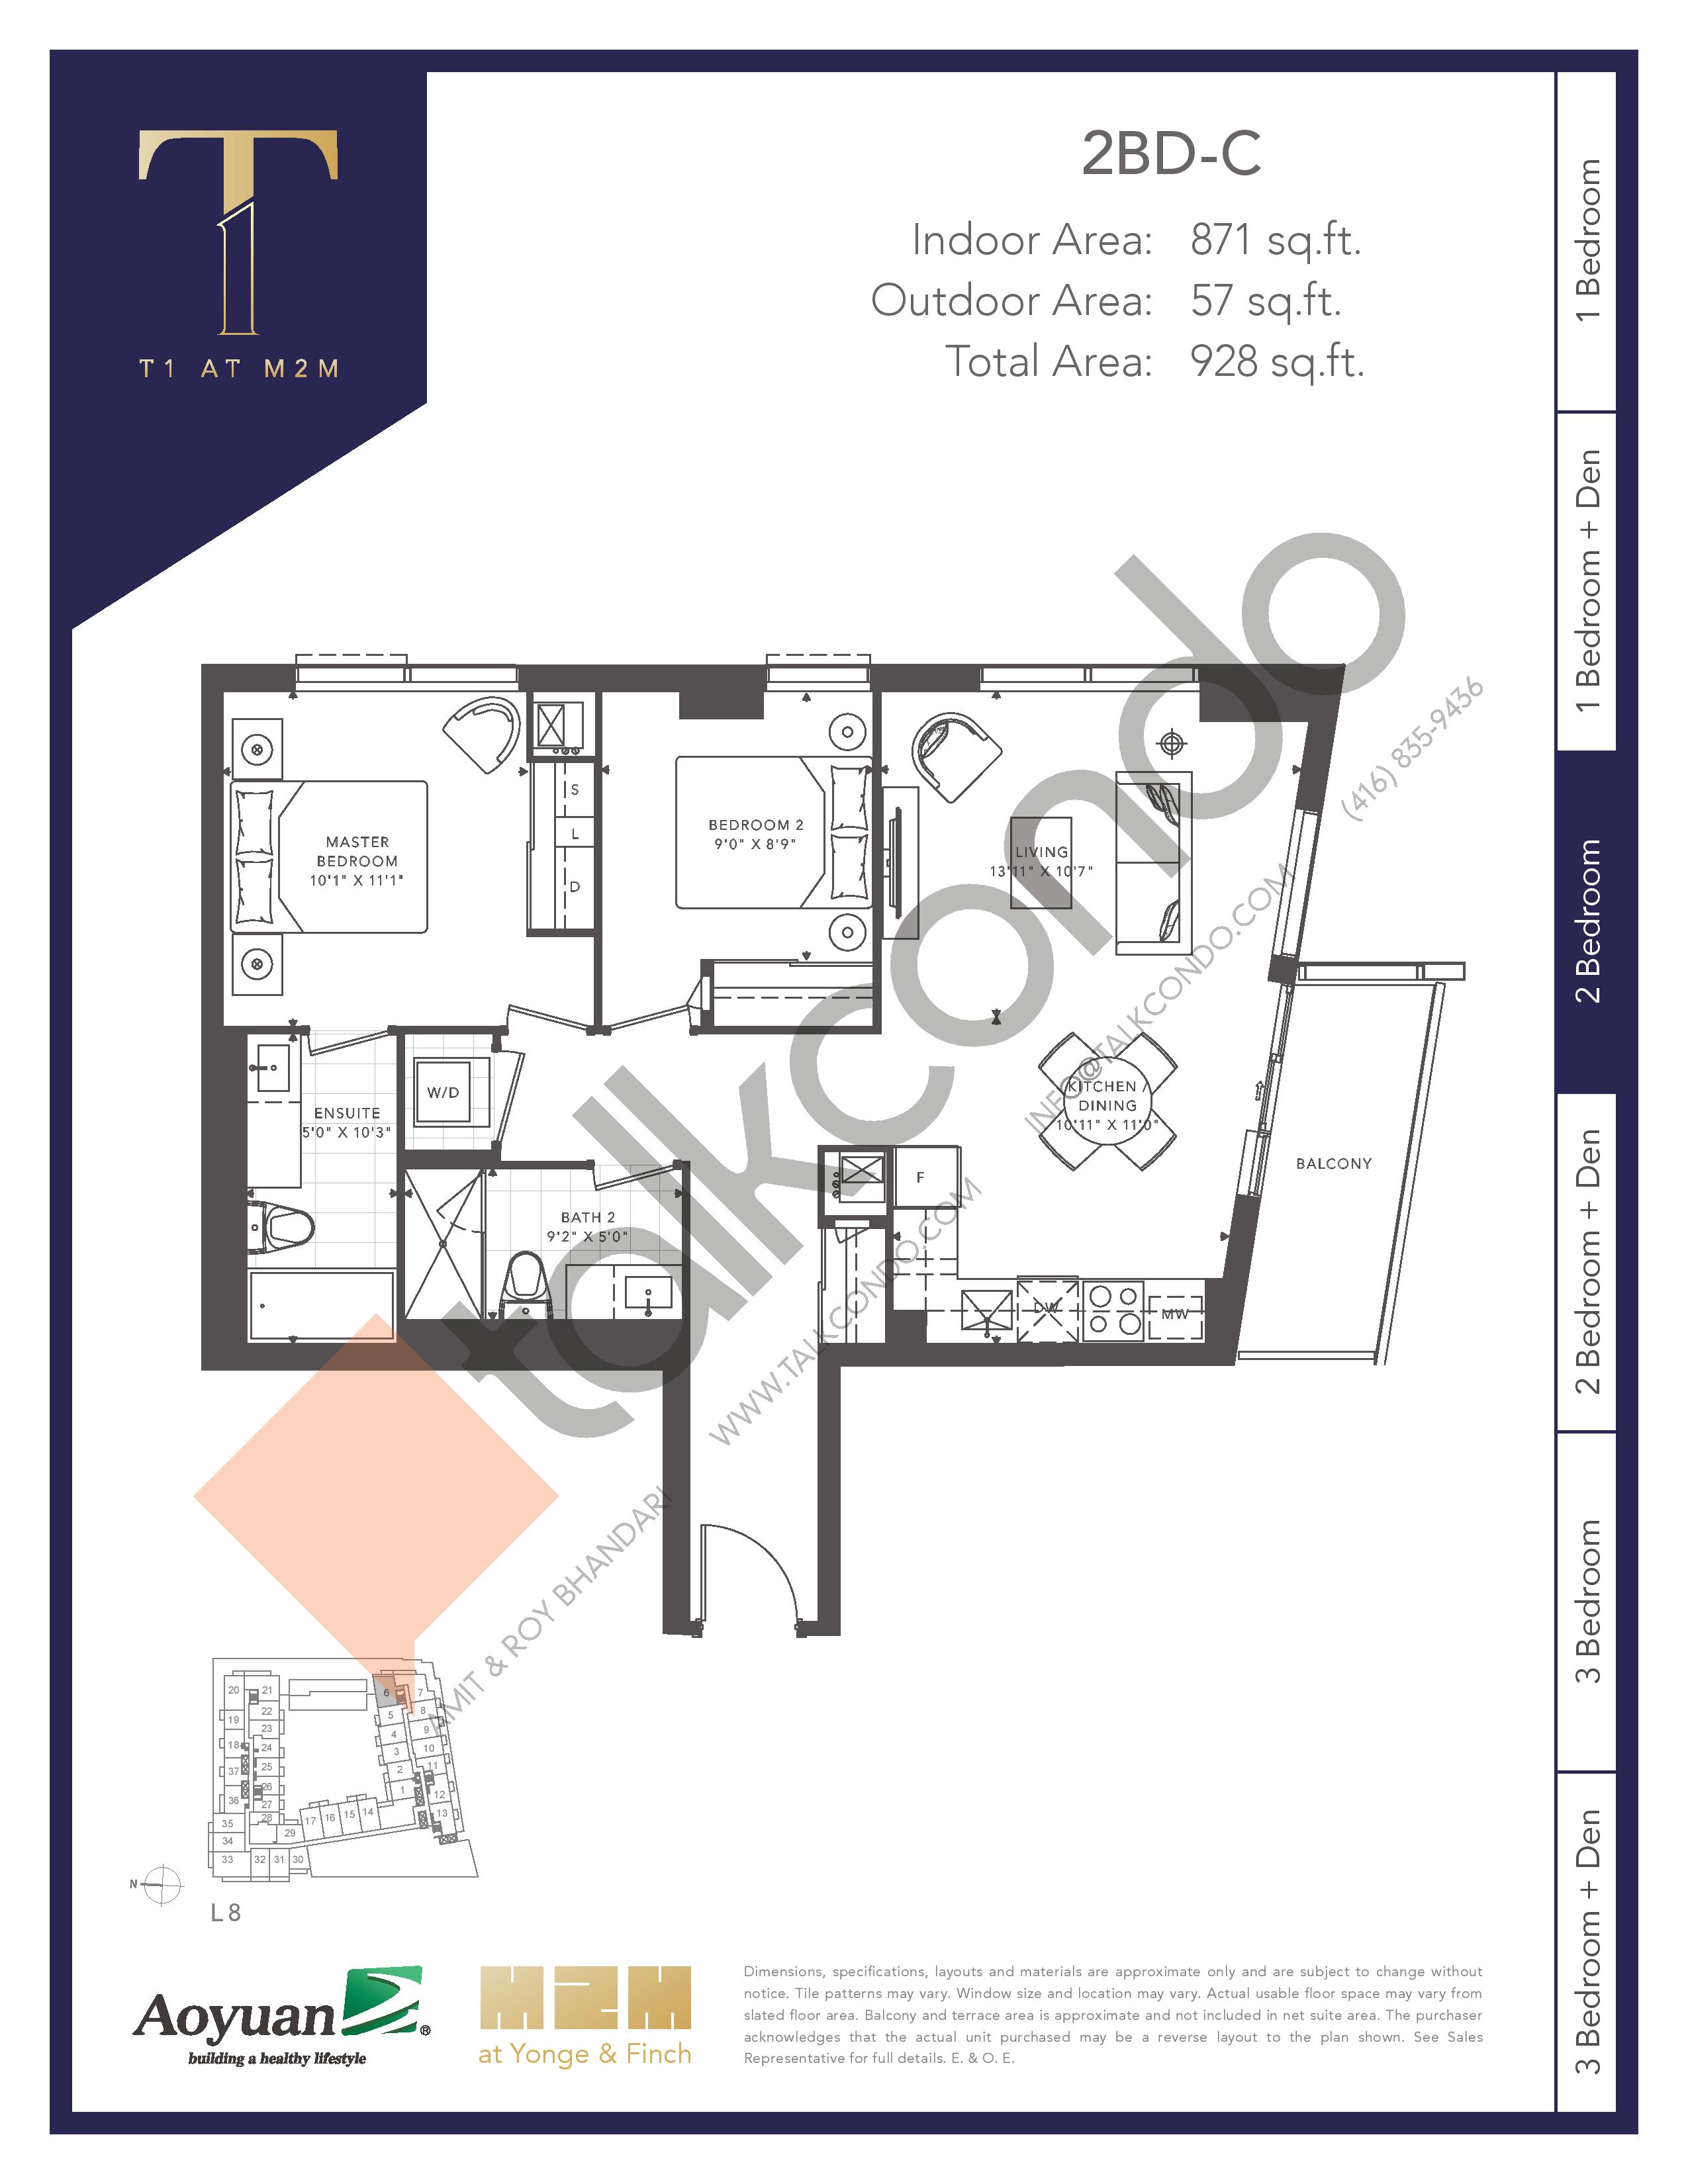 2BD-C Floor Plan at T1 at M2M Condos - 871 sq.ft